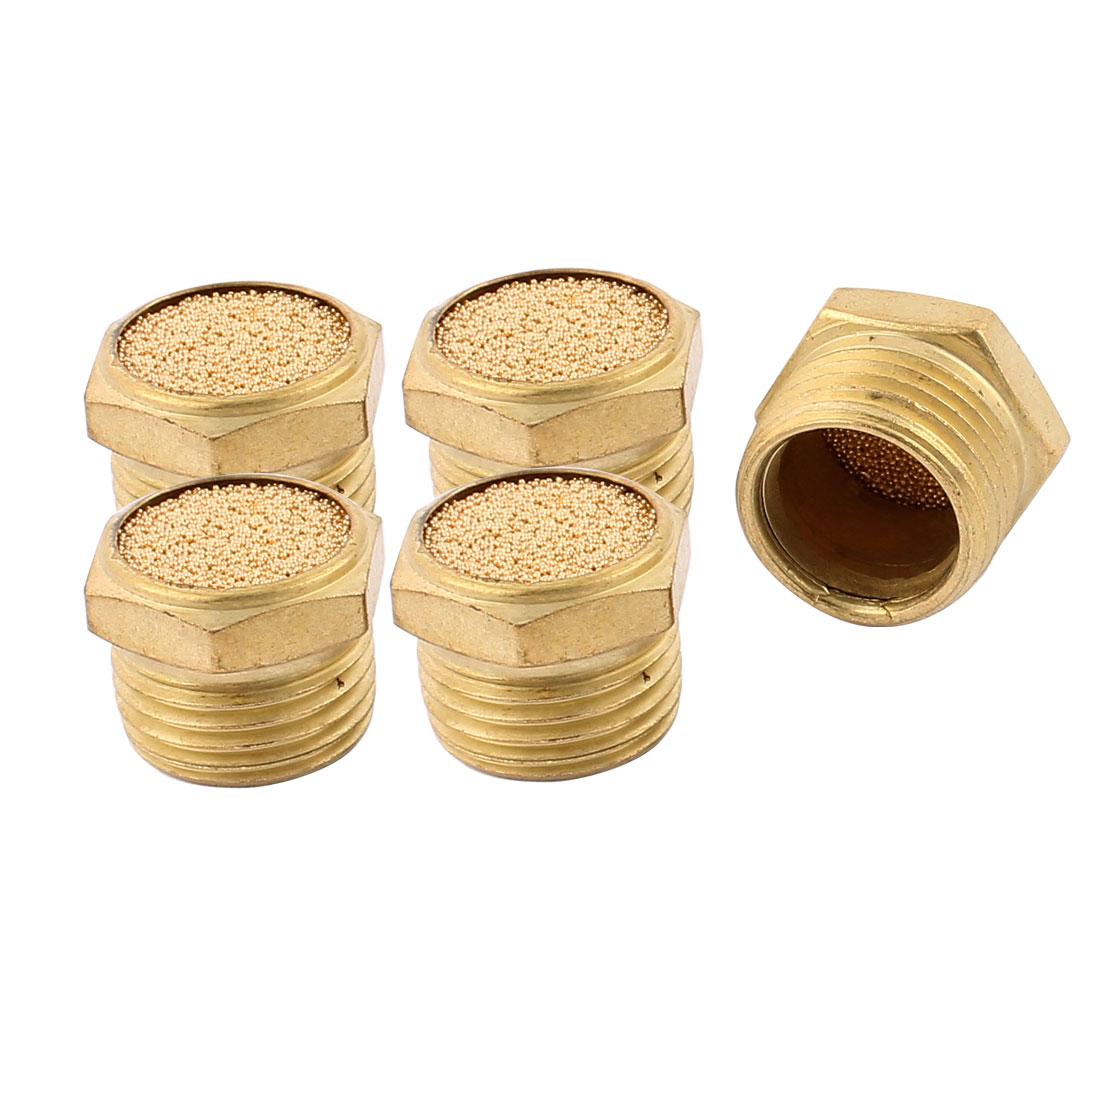 1/2BSP Male Thread Brass Air Pneumatic Noise Reduce Filter Exhaust Muffler 5Pcs